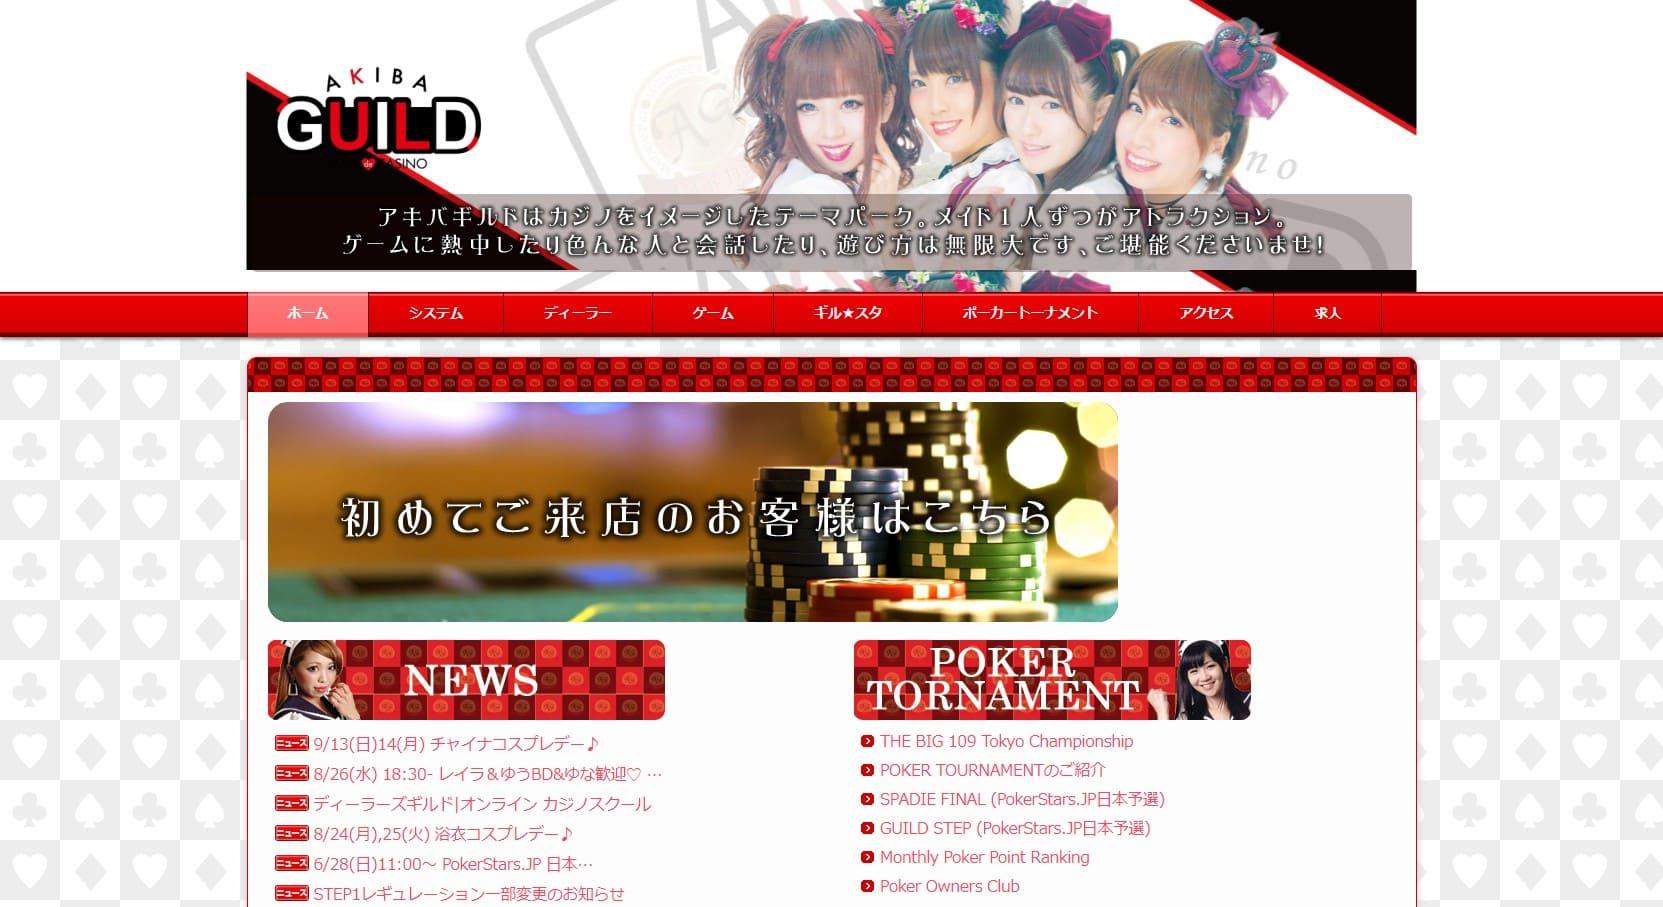 アキバギルドウェブサイト画像。